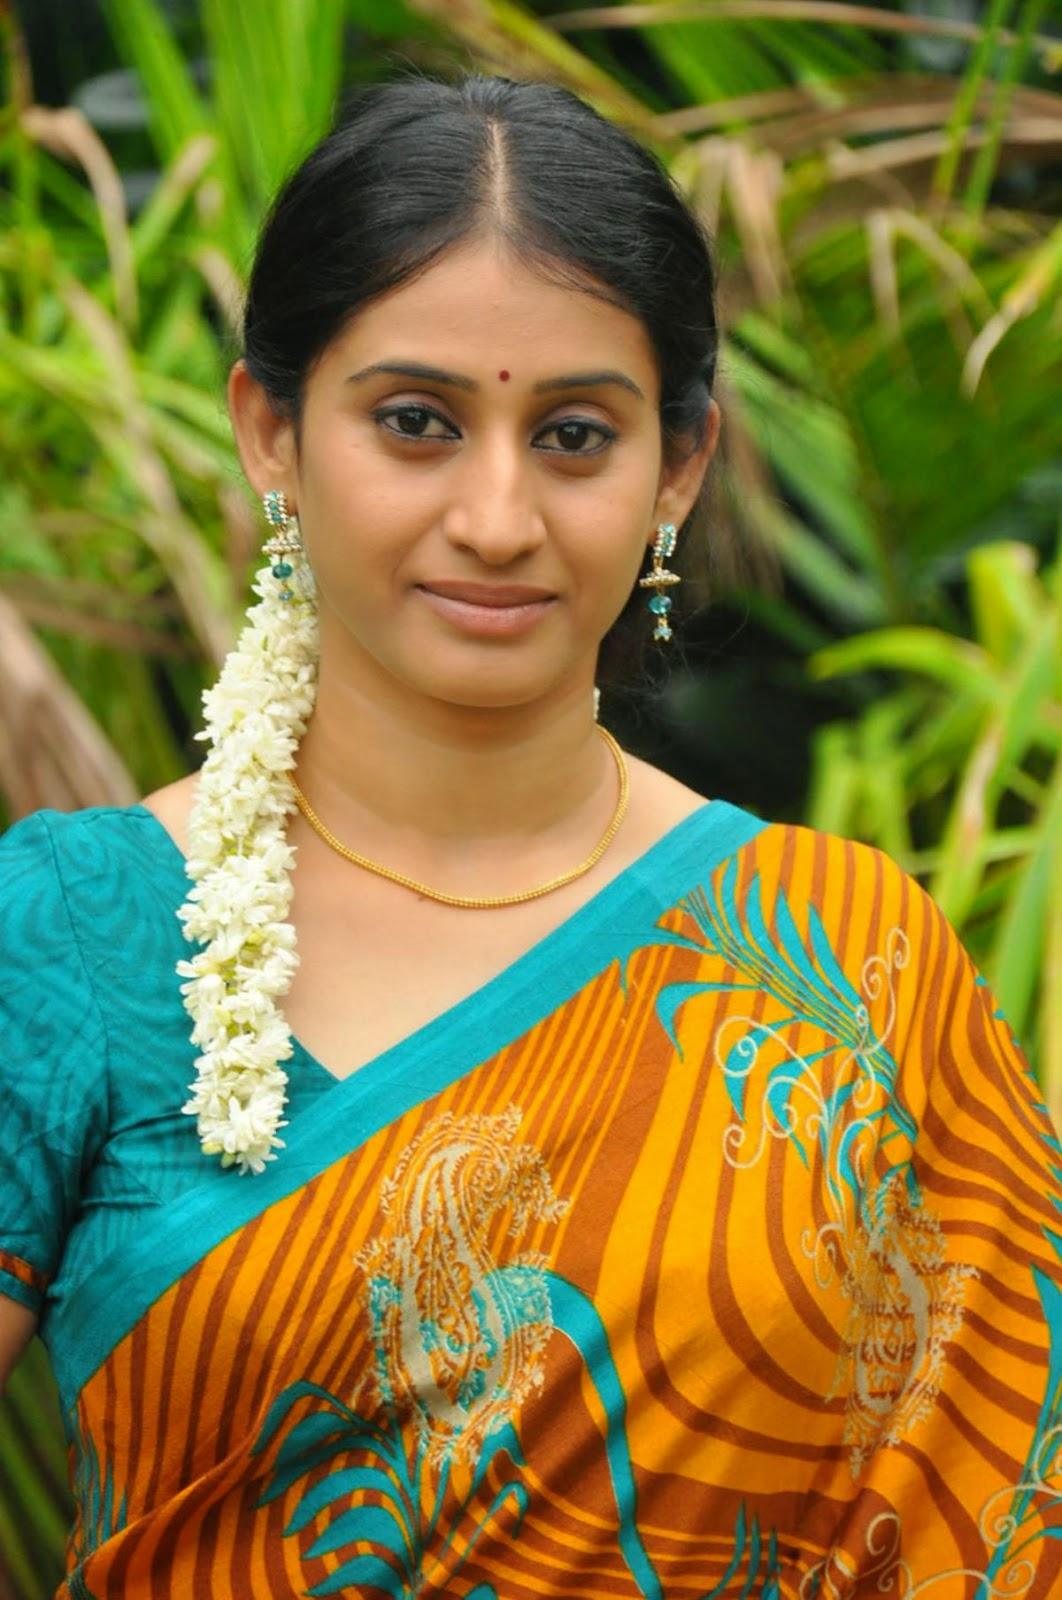 [Cute] TV Actress Meena Kumari Cute Saree Photos